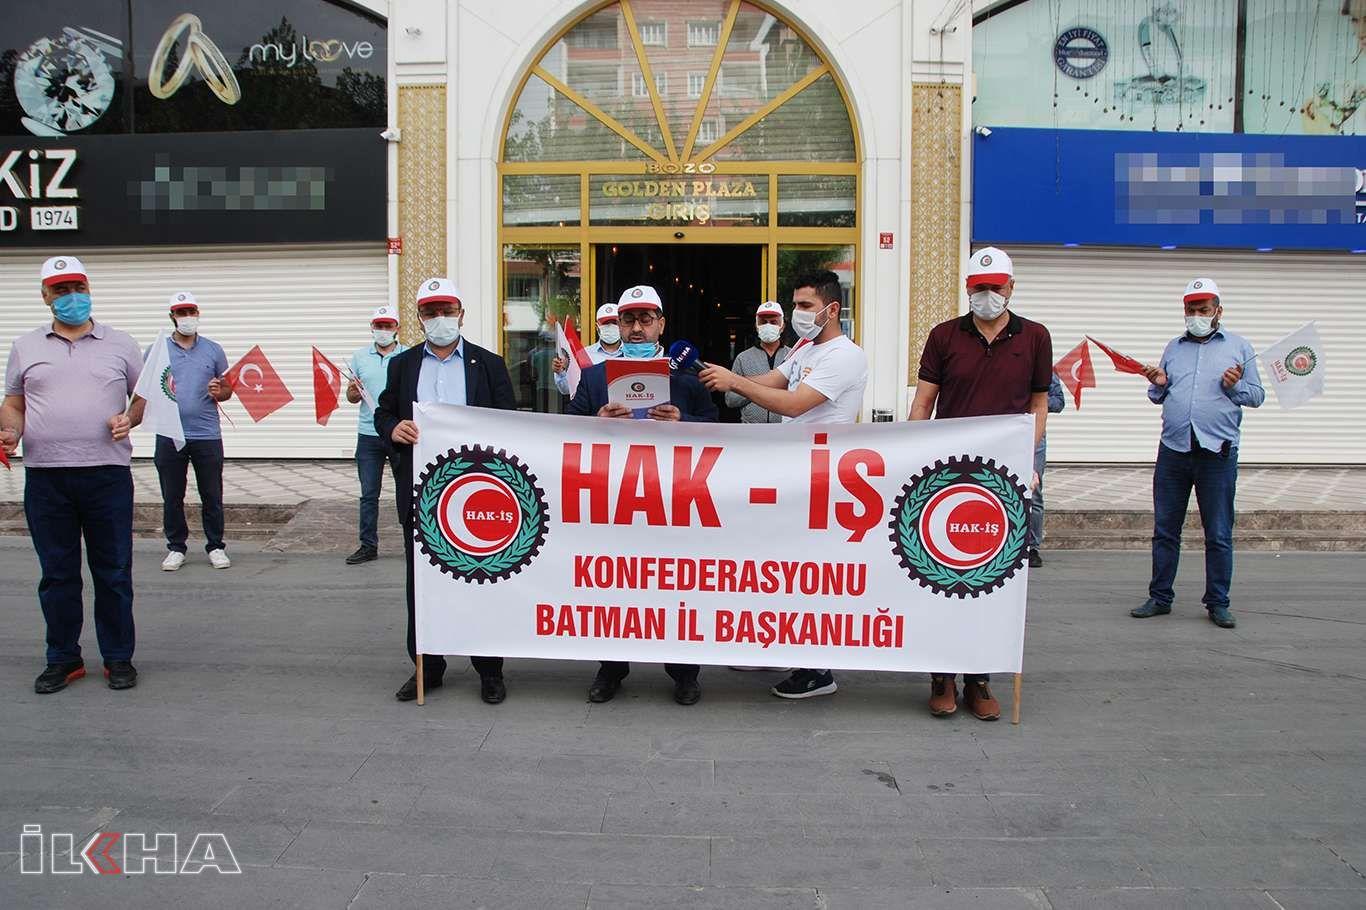 HAK-İŞ Batman İl Temsilciliği'nden 1 Mayıs açıklaması: Taşeron işçiler kadroya alınmalı